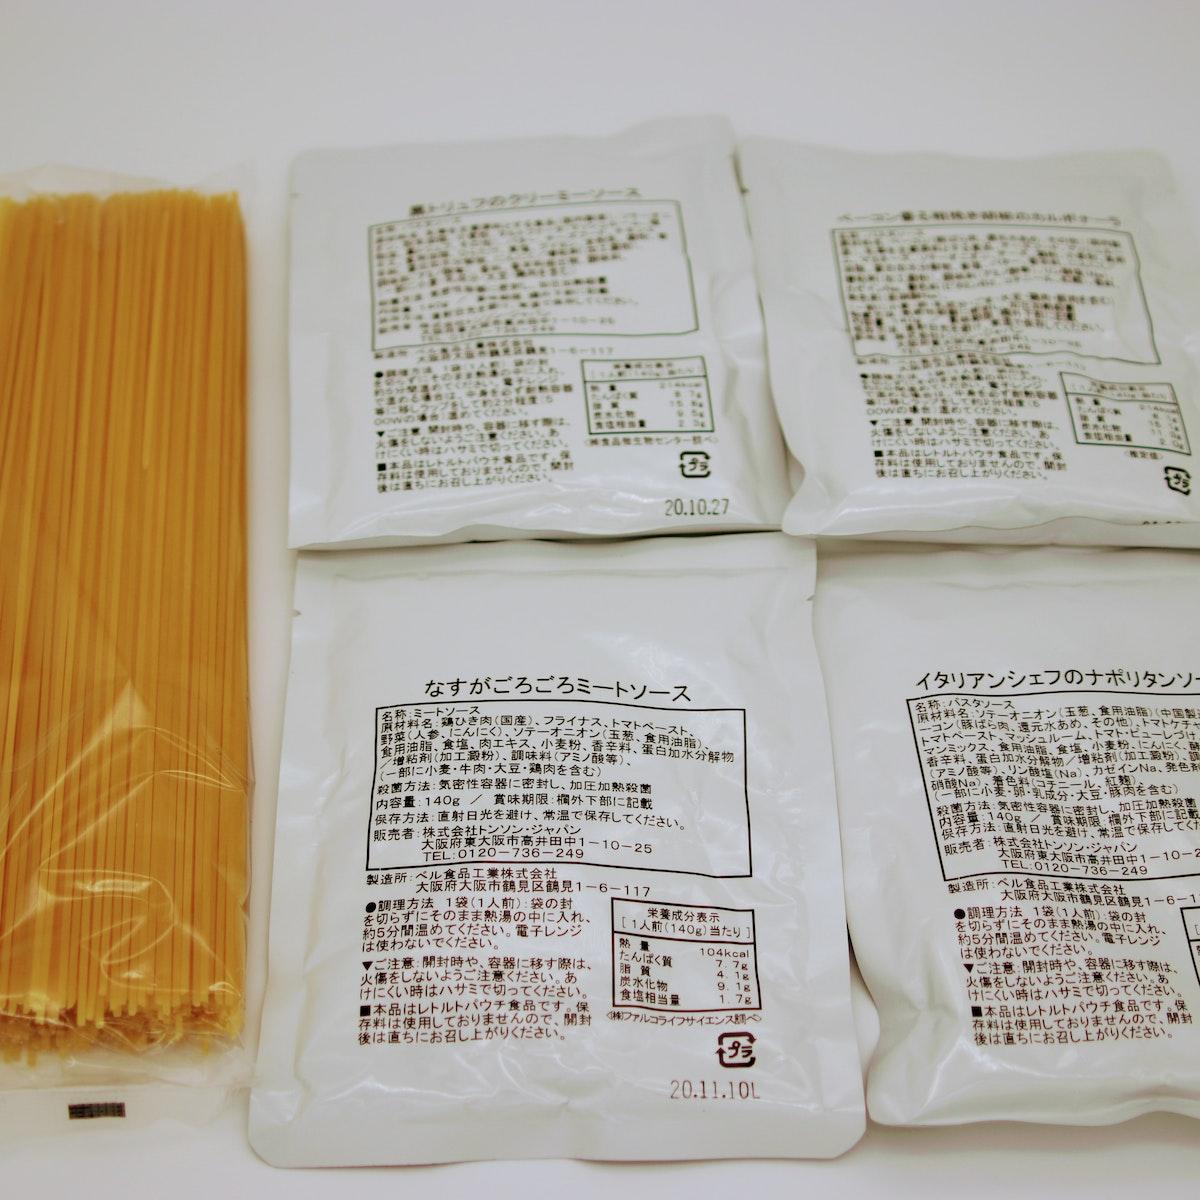 パスタ麺と、セットの4種類のパスタソースのパッケージです。